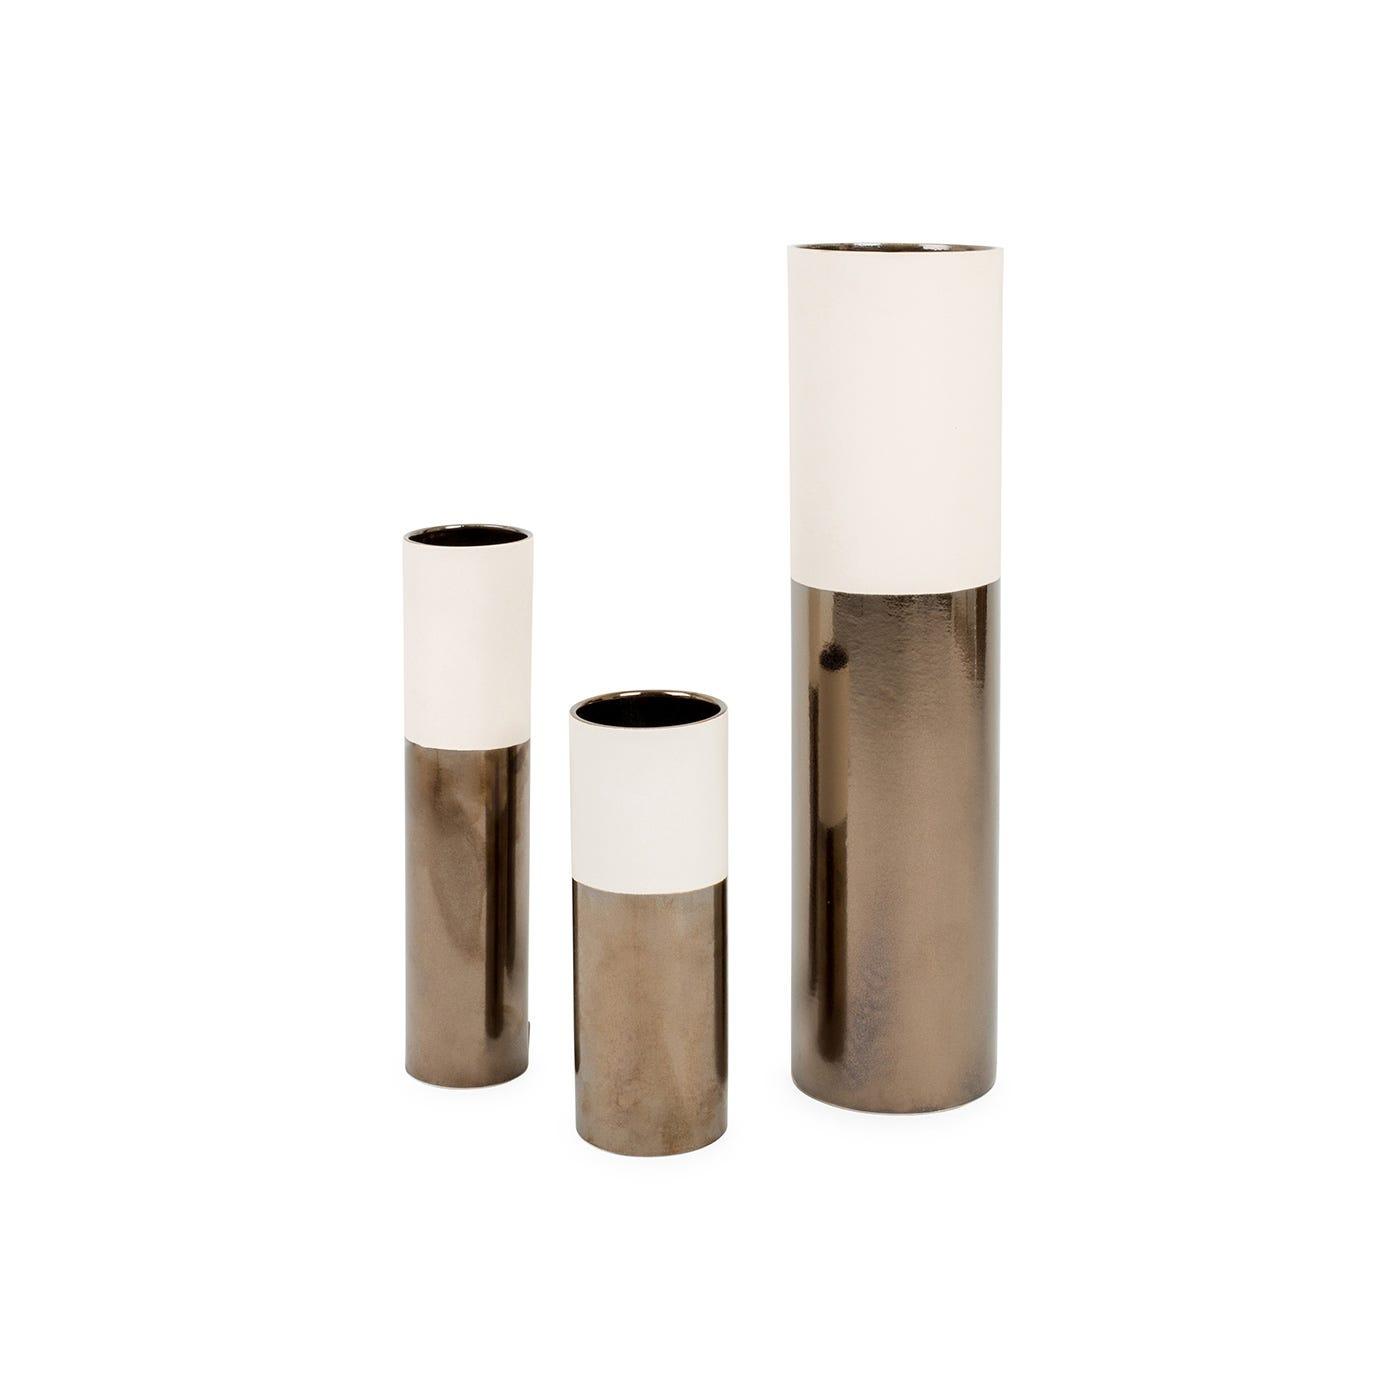 Dual Tone Vase Cream & Metallic